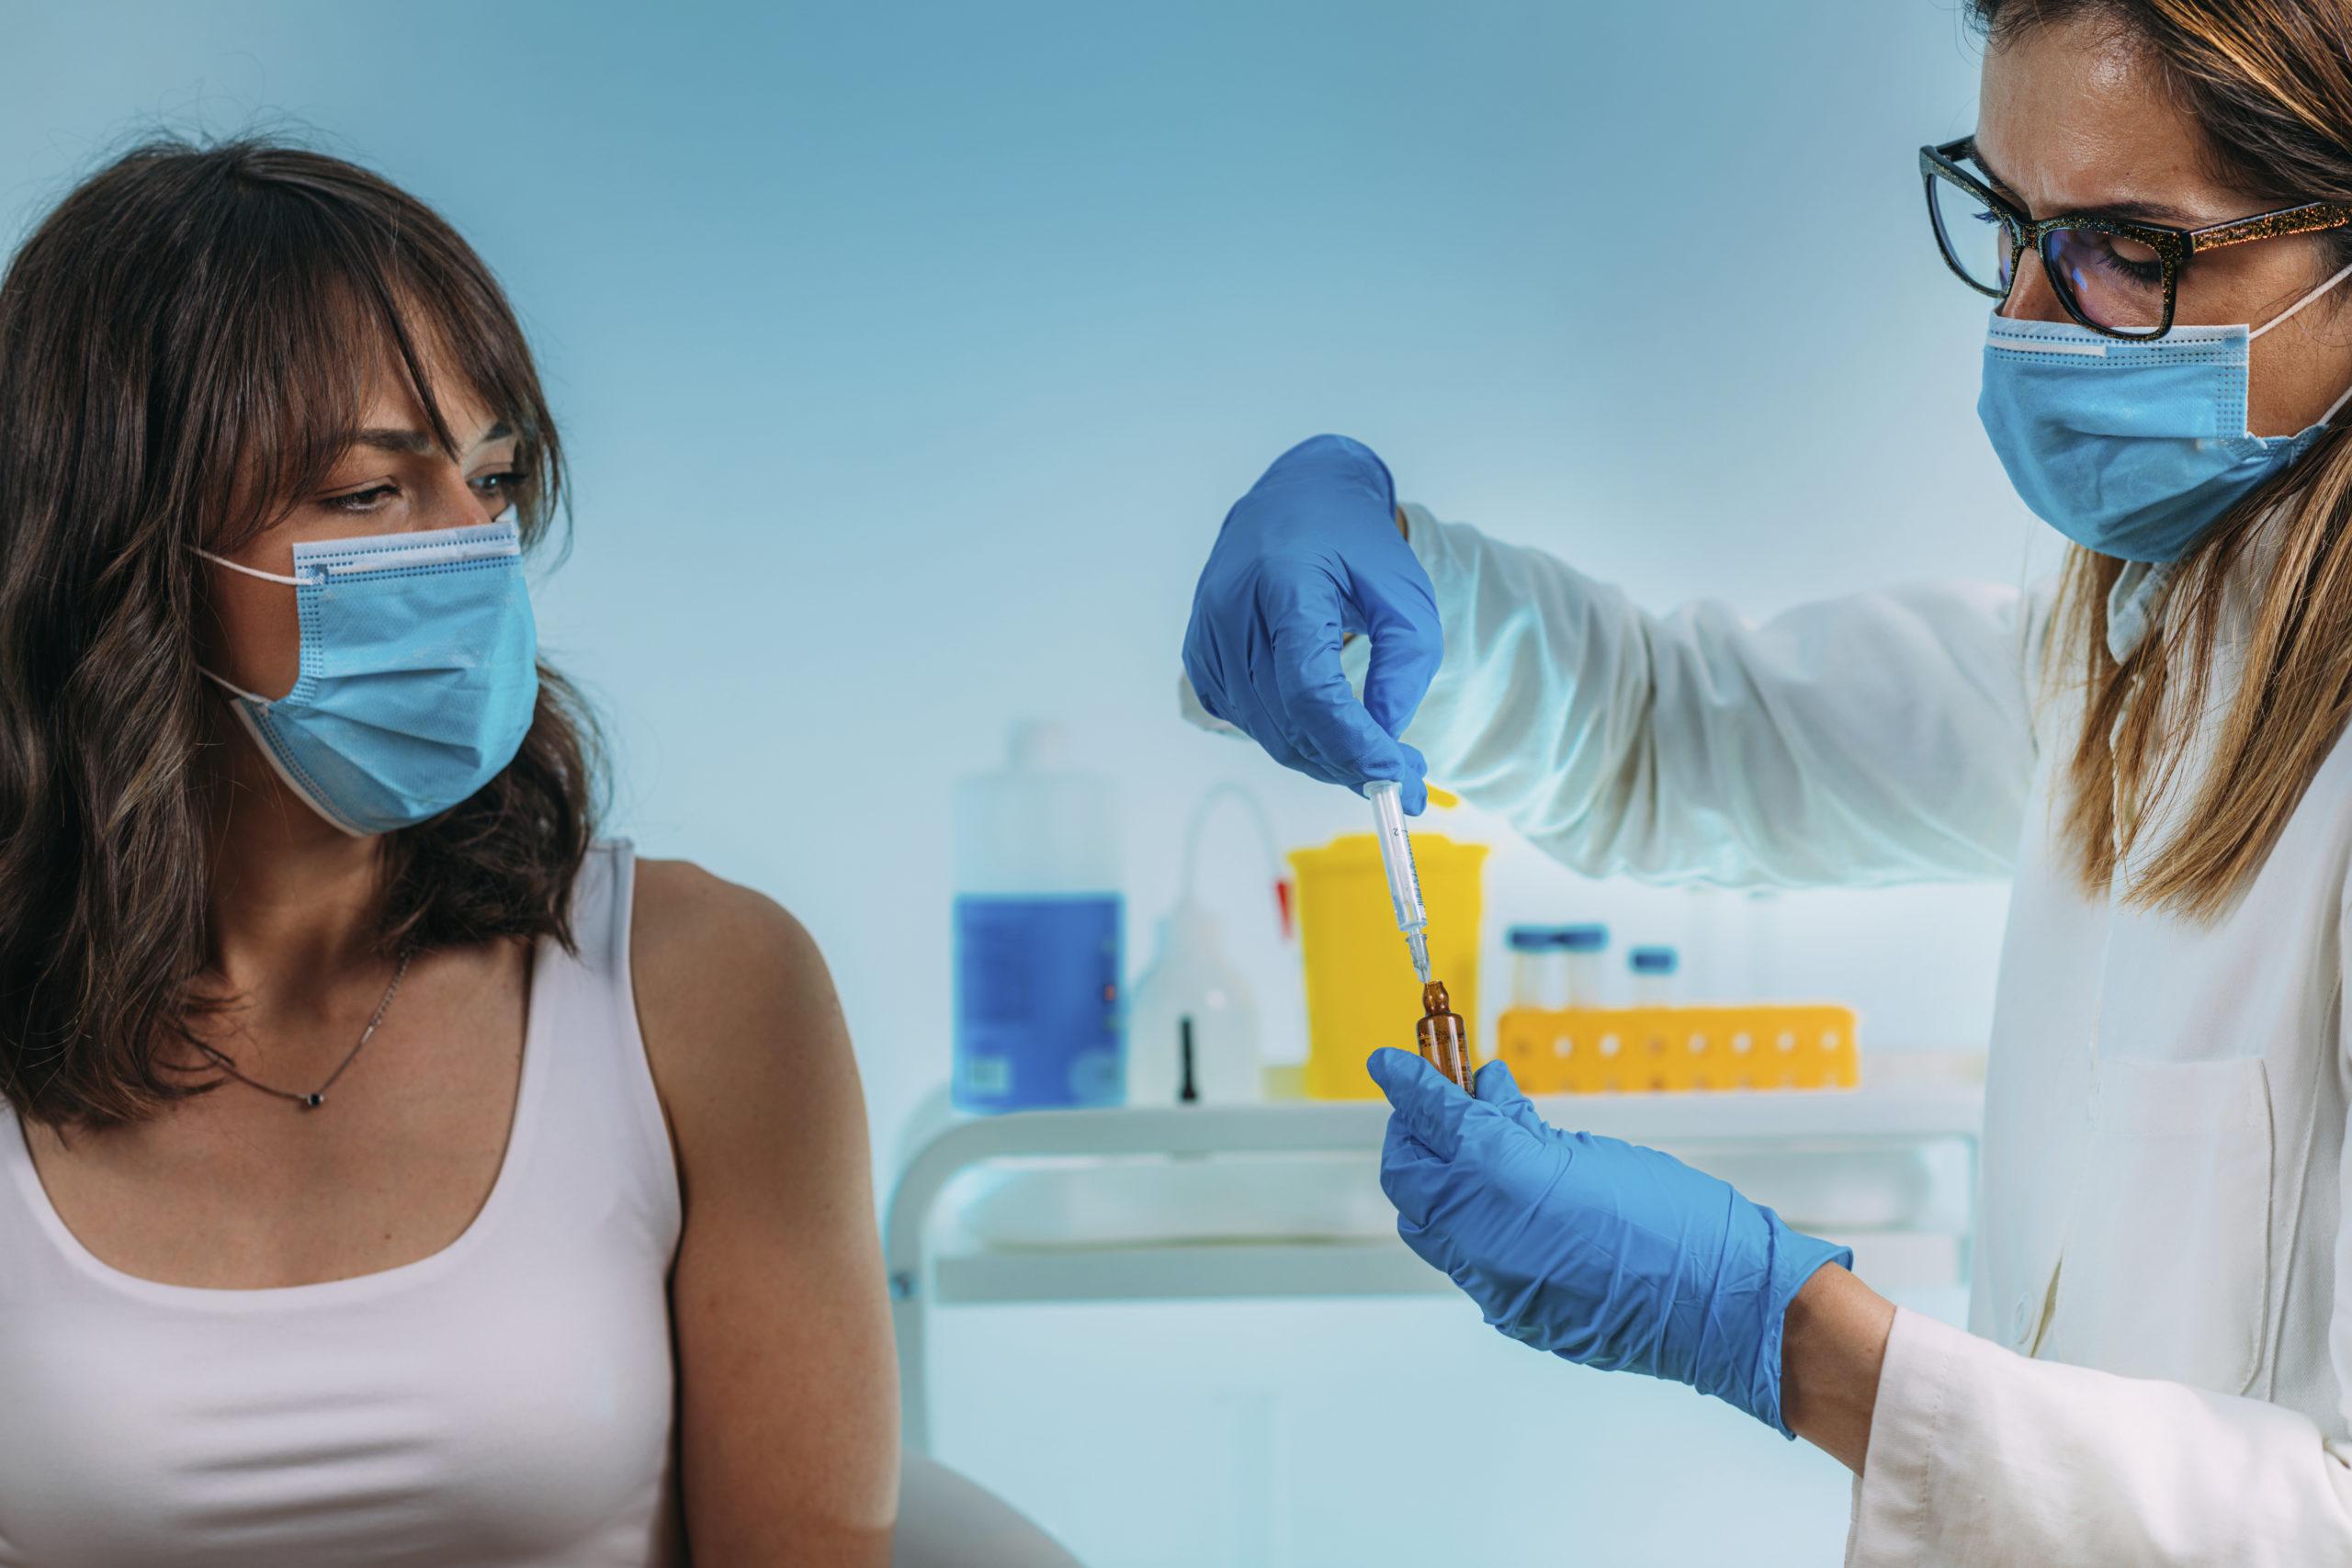 Az emberekre nézve az egyik legveszélyesebb, a rengeteg vakcina-tévhit